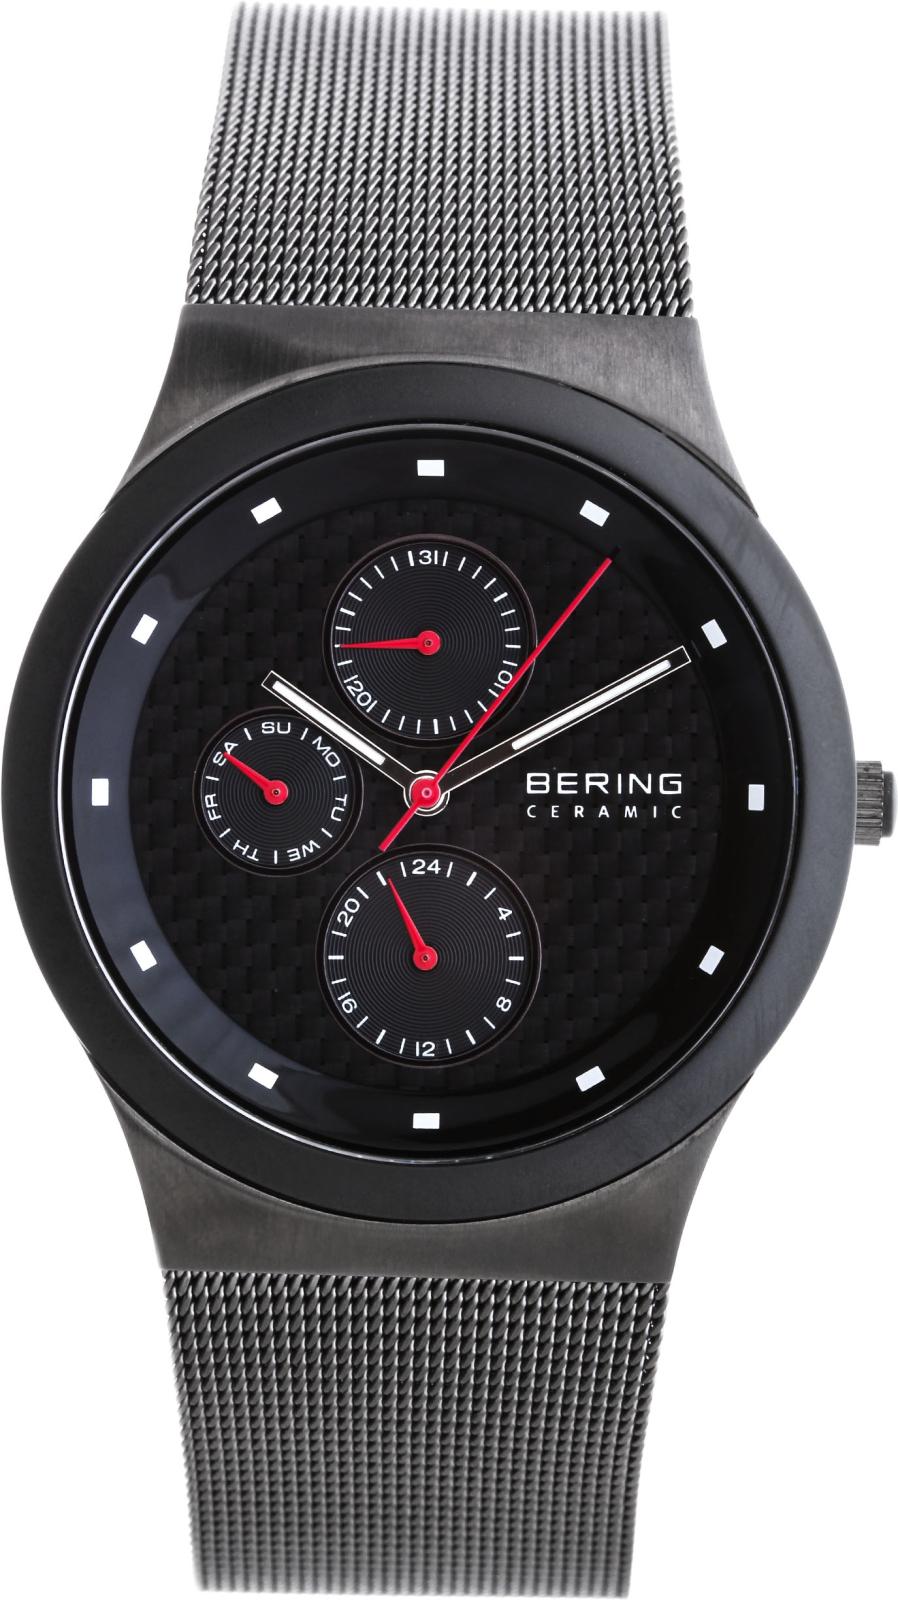 Bering Ceramic 32139-309Наручные часы<br>Датские часы Bering Ceramic 32139-309<br><br>Пол: Мужские<br>Страна-производитель: Дания<br>Механизм: Кварцевый<br>Материал корпуса: Сталь<br>Материал ремня/браслета: Сталь<br>Водозащита, диапазон: 20 - 100 м<br>Стекло: Сапфировое<br>Толщина корпуса: None<br>Стиль: Классика